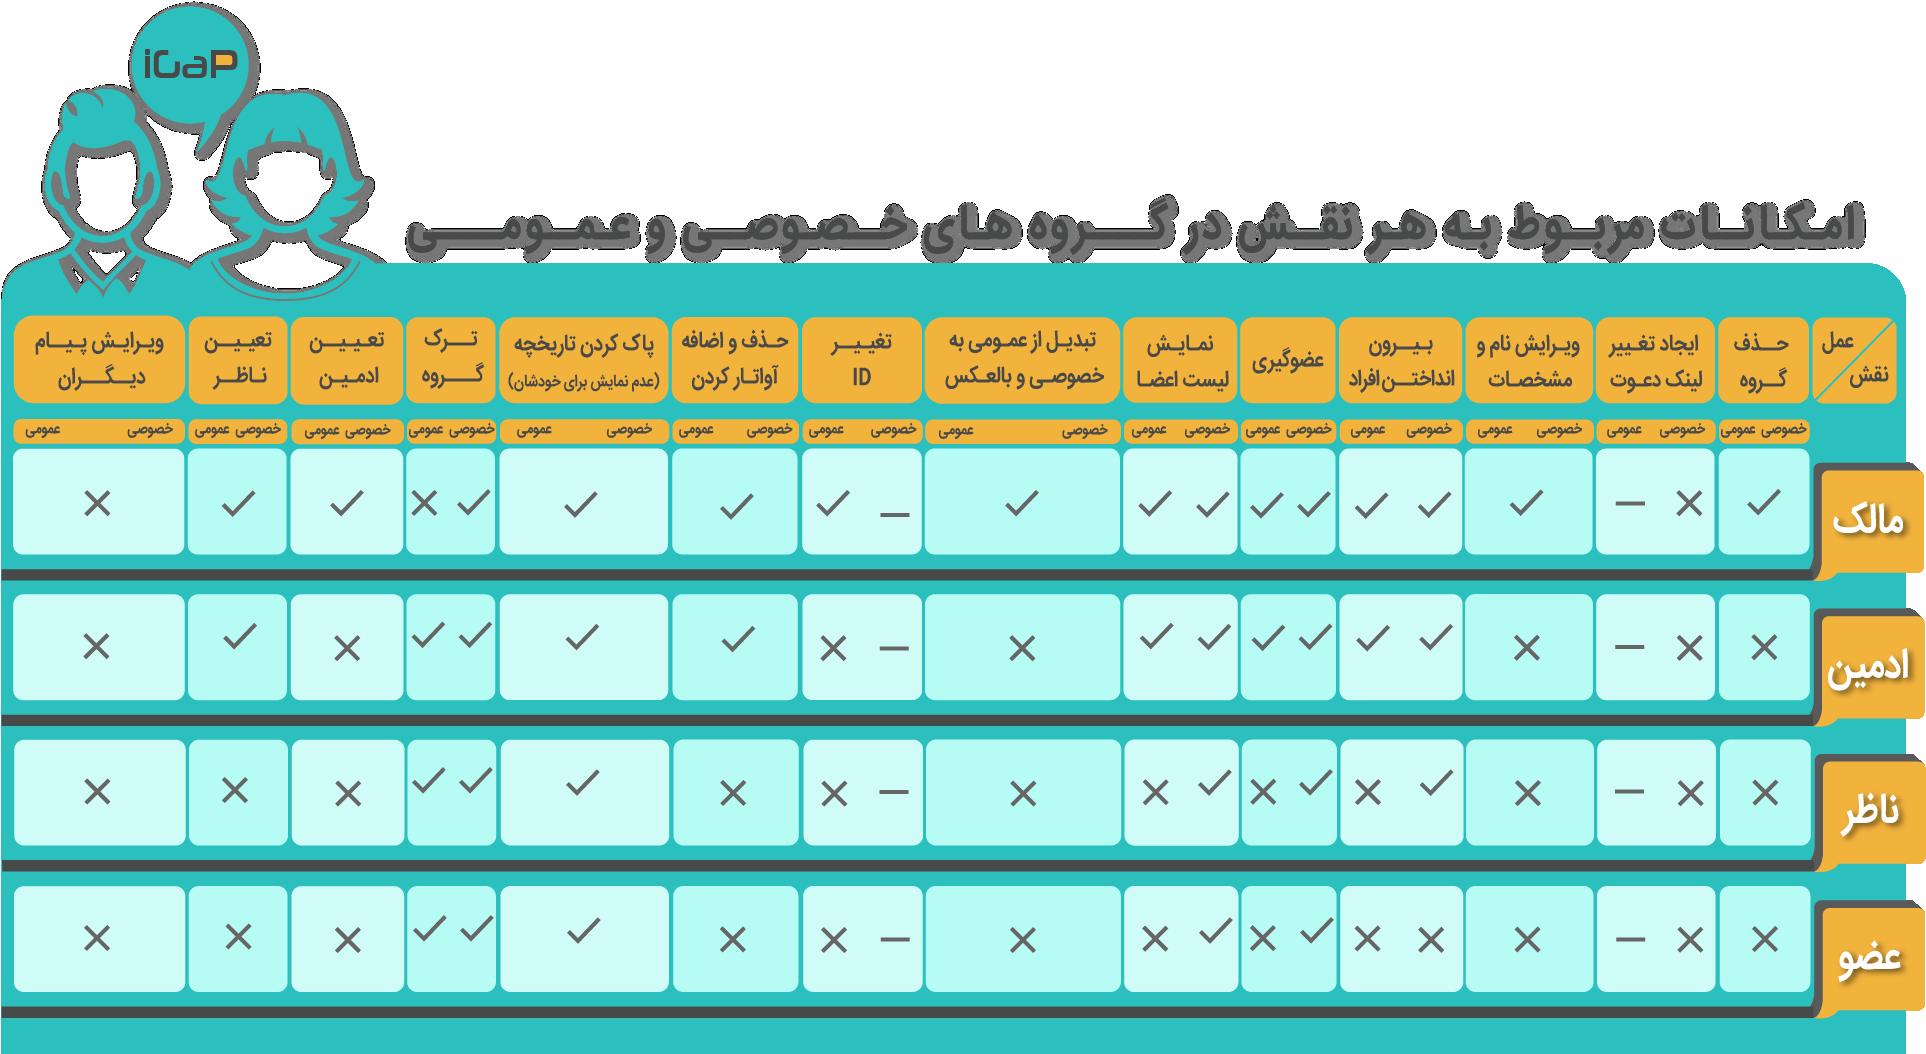 امکانات مربوط به هر نقش در گروه های خصوصی و عمومی آیگپ